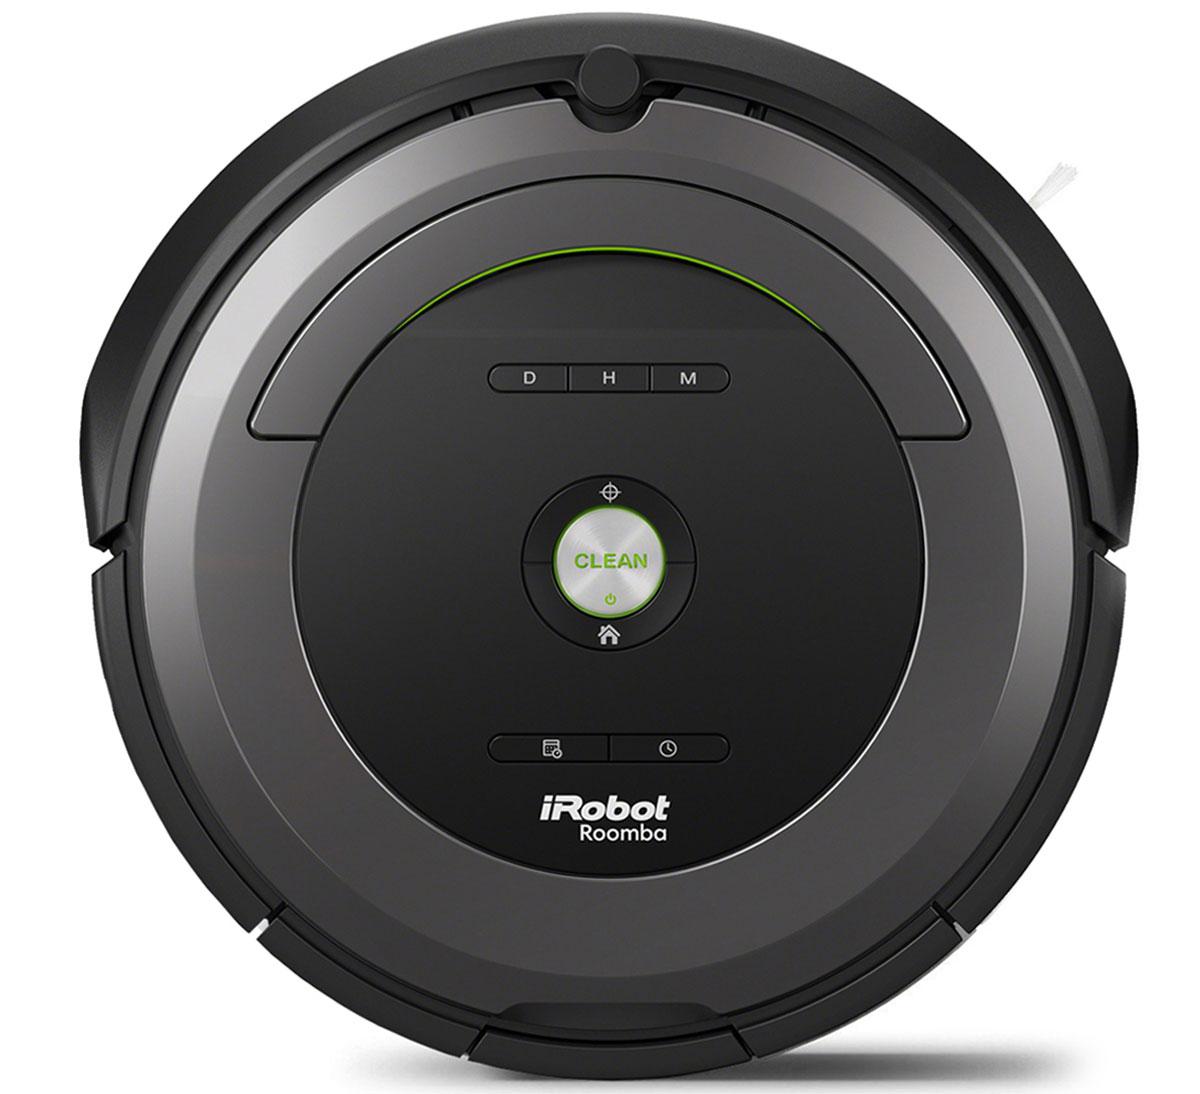 iRobot Roomba 681 робот-пылесосRoomba 681iRobot Roomba 681 – робот-пылесос от известной компании iRobot, который рекомендован для уборки как небольших квартир, так и достаточно габаритных жилых помещений. Модель Roomba 681 объединила в себе всё, чем могут похвастаться роботизированные воины с грязью в доме. Небольшие габариты и мощный функционал – основные преимущества данной модели.Он удобен и в использовании, и в обслуживании. На верхней панели имеется большая кнопка CLEAN, которую достаточно нажать для того, чтобы запустить процесс уборки. Все остальное робот сделает сам. Он самостоятельно ориентируется в пространстве, находит препятствия и обходит их, добирается до самых укромных мест, чистит те места на полу, которые наиболее загрязнены и так далее.Что касается обслуживания, то здесь все максимально просто. При необходимости требуется периодическая чистка накопительной емкости для мусора и щеток, которые собирают весь мусор. На это требуется затрачивать не более нескольких минут. После быстрой чистки робот снова готов к наведению чистоты в доме.С помощью Roomba 681 можно убирать любое количество помещений в пределах одного этажа. При начале уборки пылесос запоминает место, с которого он стартовал, а когда заряд аккумулятора необходимо восполнить, робот самостоятельно возвращается на базу для подзарядки. После завершения зарядки Румба вновь готов в чистке комнат. Он снимается с базы и направляется к тому месту, где уборка была прервана.Робот-пылесос может убирать не только на открытых участках комнаты, но и в труднодоступных местах. За счет своей малой высоты, которая составляет 9,3 см, Roomba 681 свободно заезжает под диваны и кровати, а также любую другую мебель на ножках.Уборка вдоль плинтусов и в углах также не является проблемой. За счет боковой щетки пылесос собирает пыль, направляя ее к валикам, где пыль всасывается.Помимо того, что пылесос включается одной кнопкой CLEAN, робот можно программировать. Период, на который программируется Roomba 681, составля